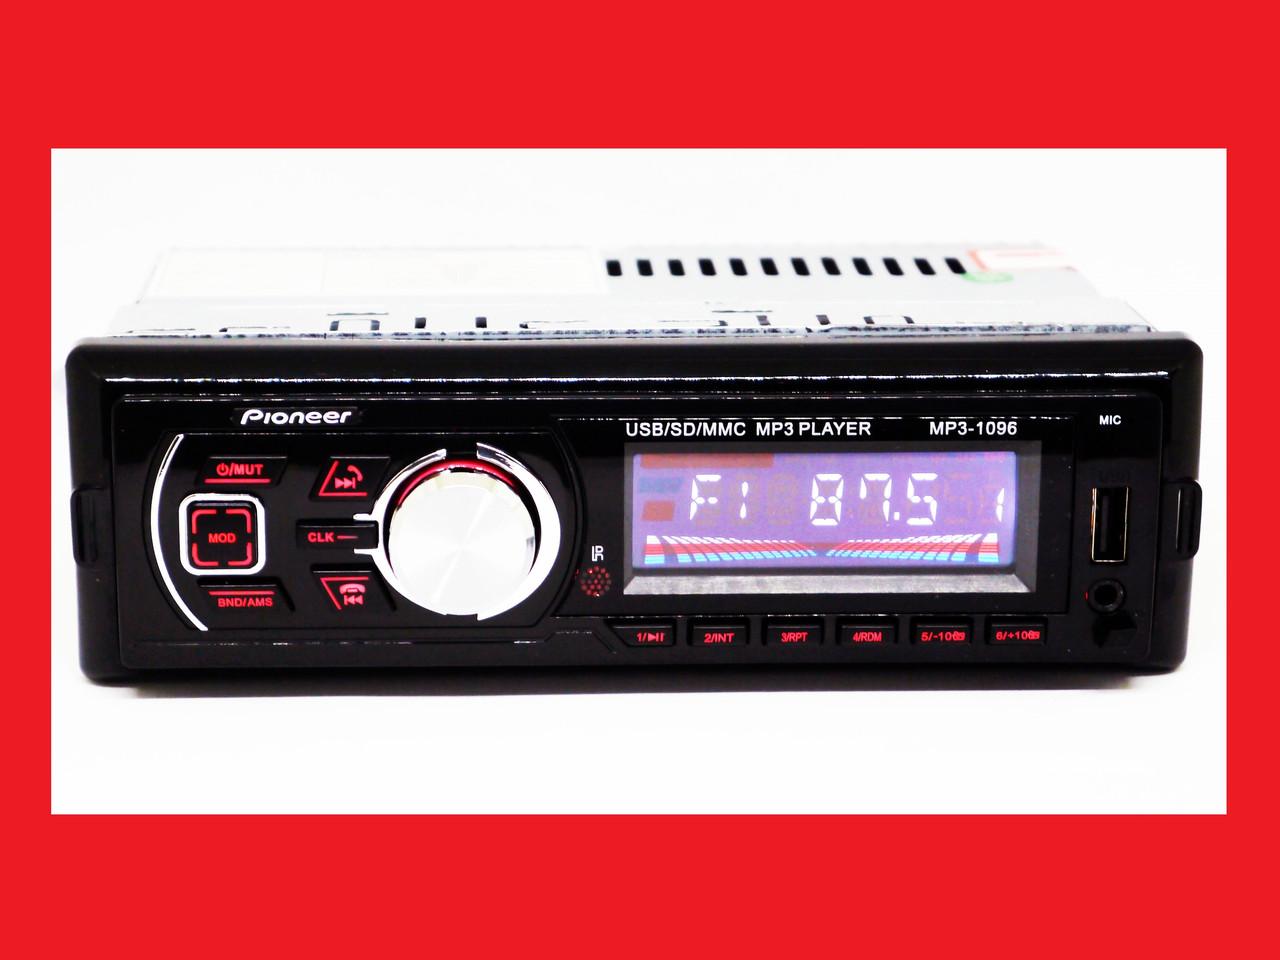 Автомагнитола Pioneer 1096BT - Bluetooth MP3 Player, FM, USB, microSD, AUX - СЪЕМНАЯ панель